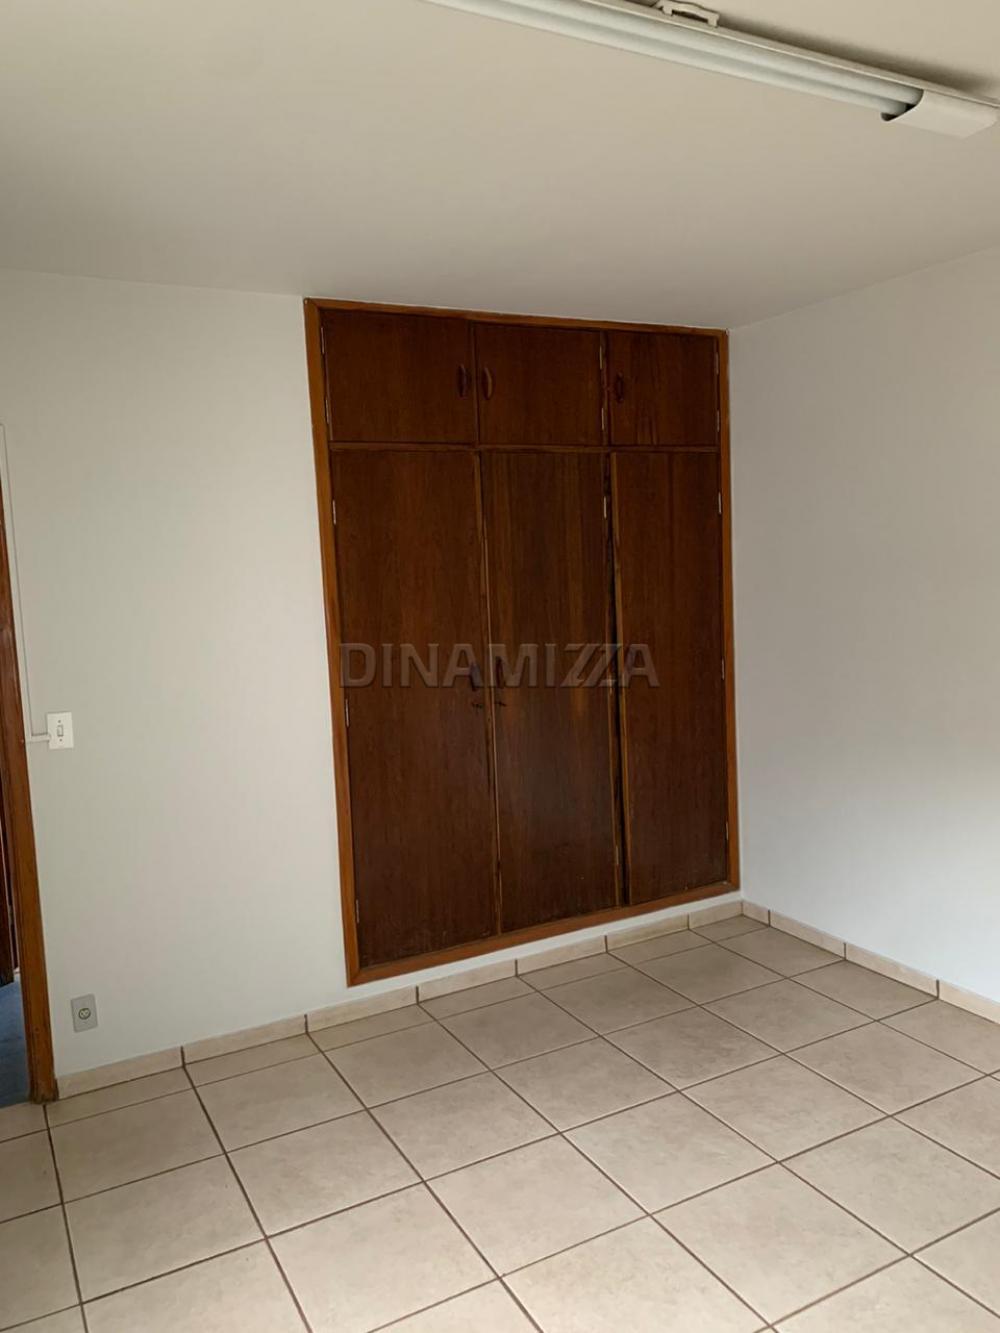 Alugar Casa / Padrão em Uberaba R$ 2.800,00 - Foto 13